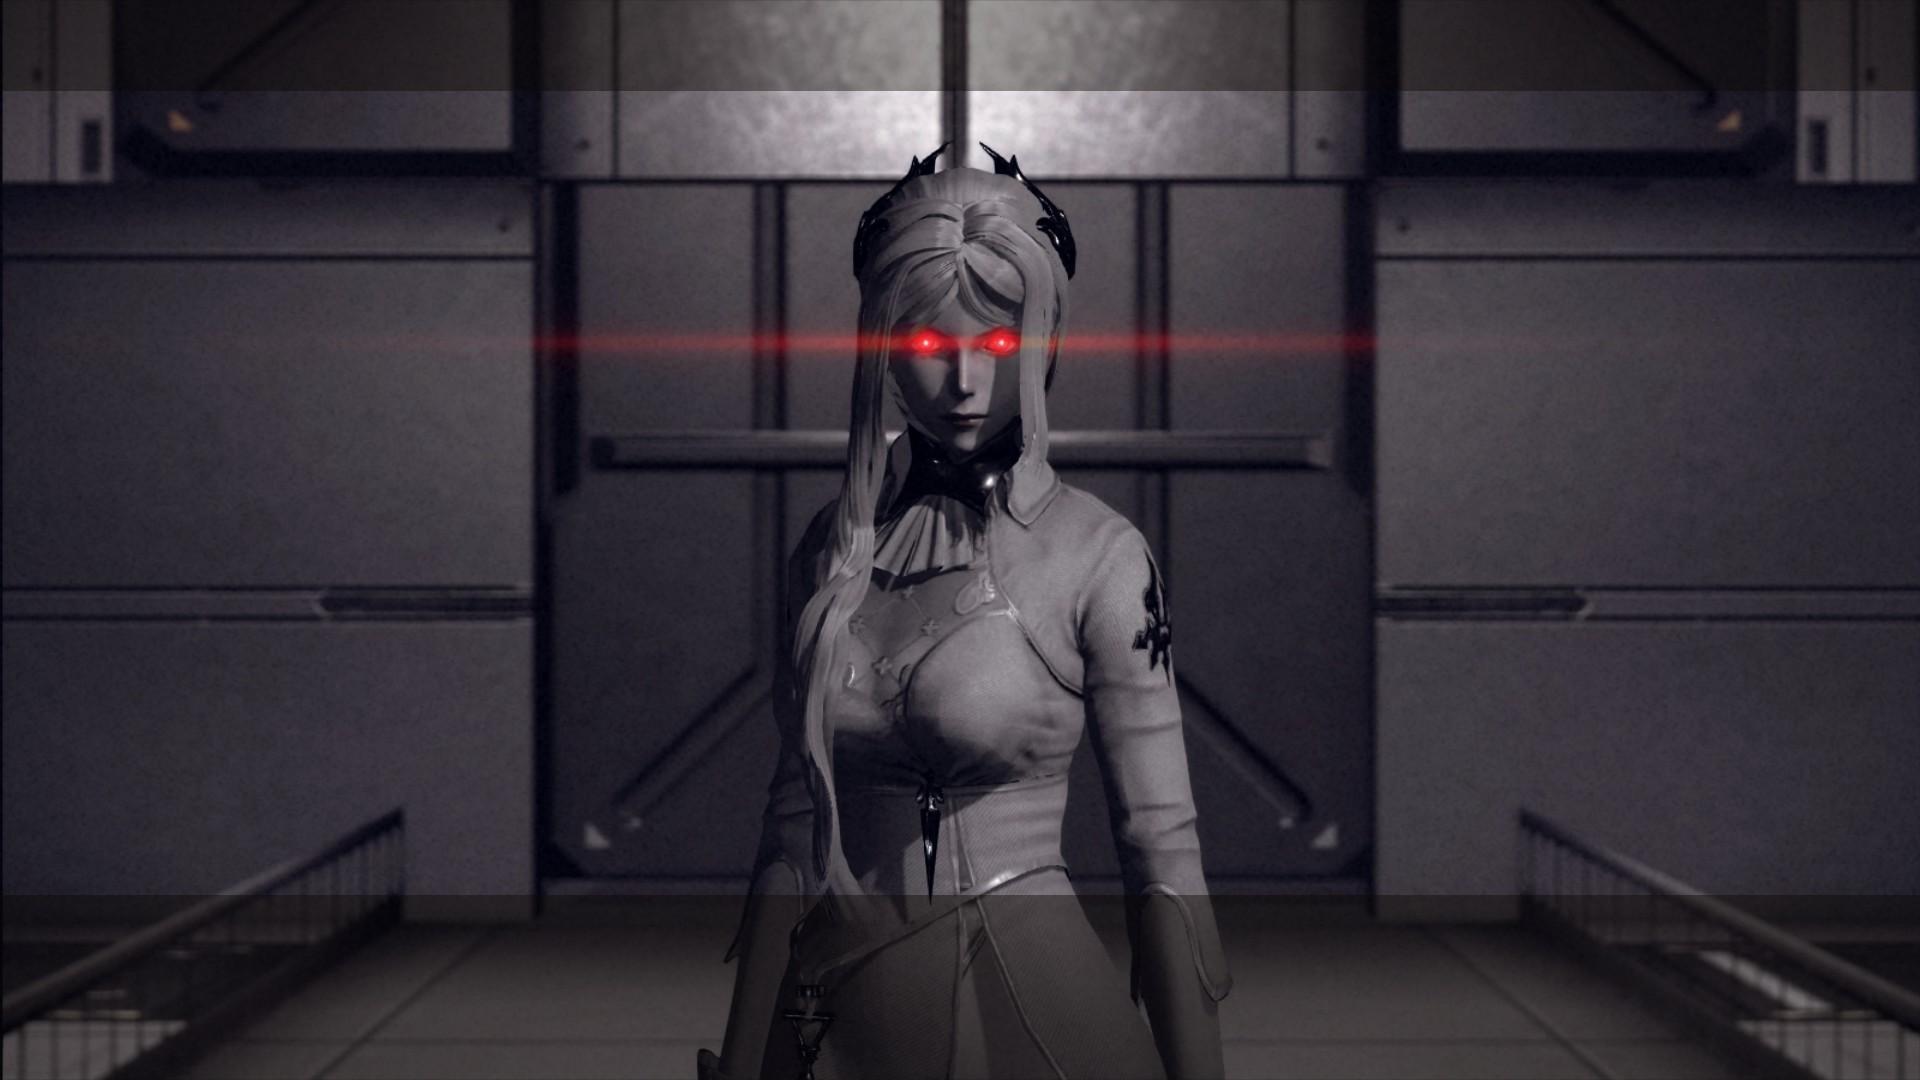 Nier Automata 007.jpg - NieR: Automata